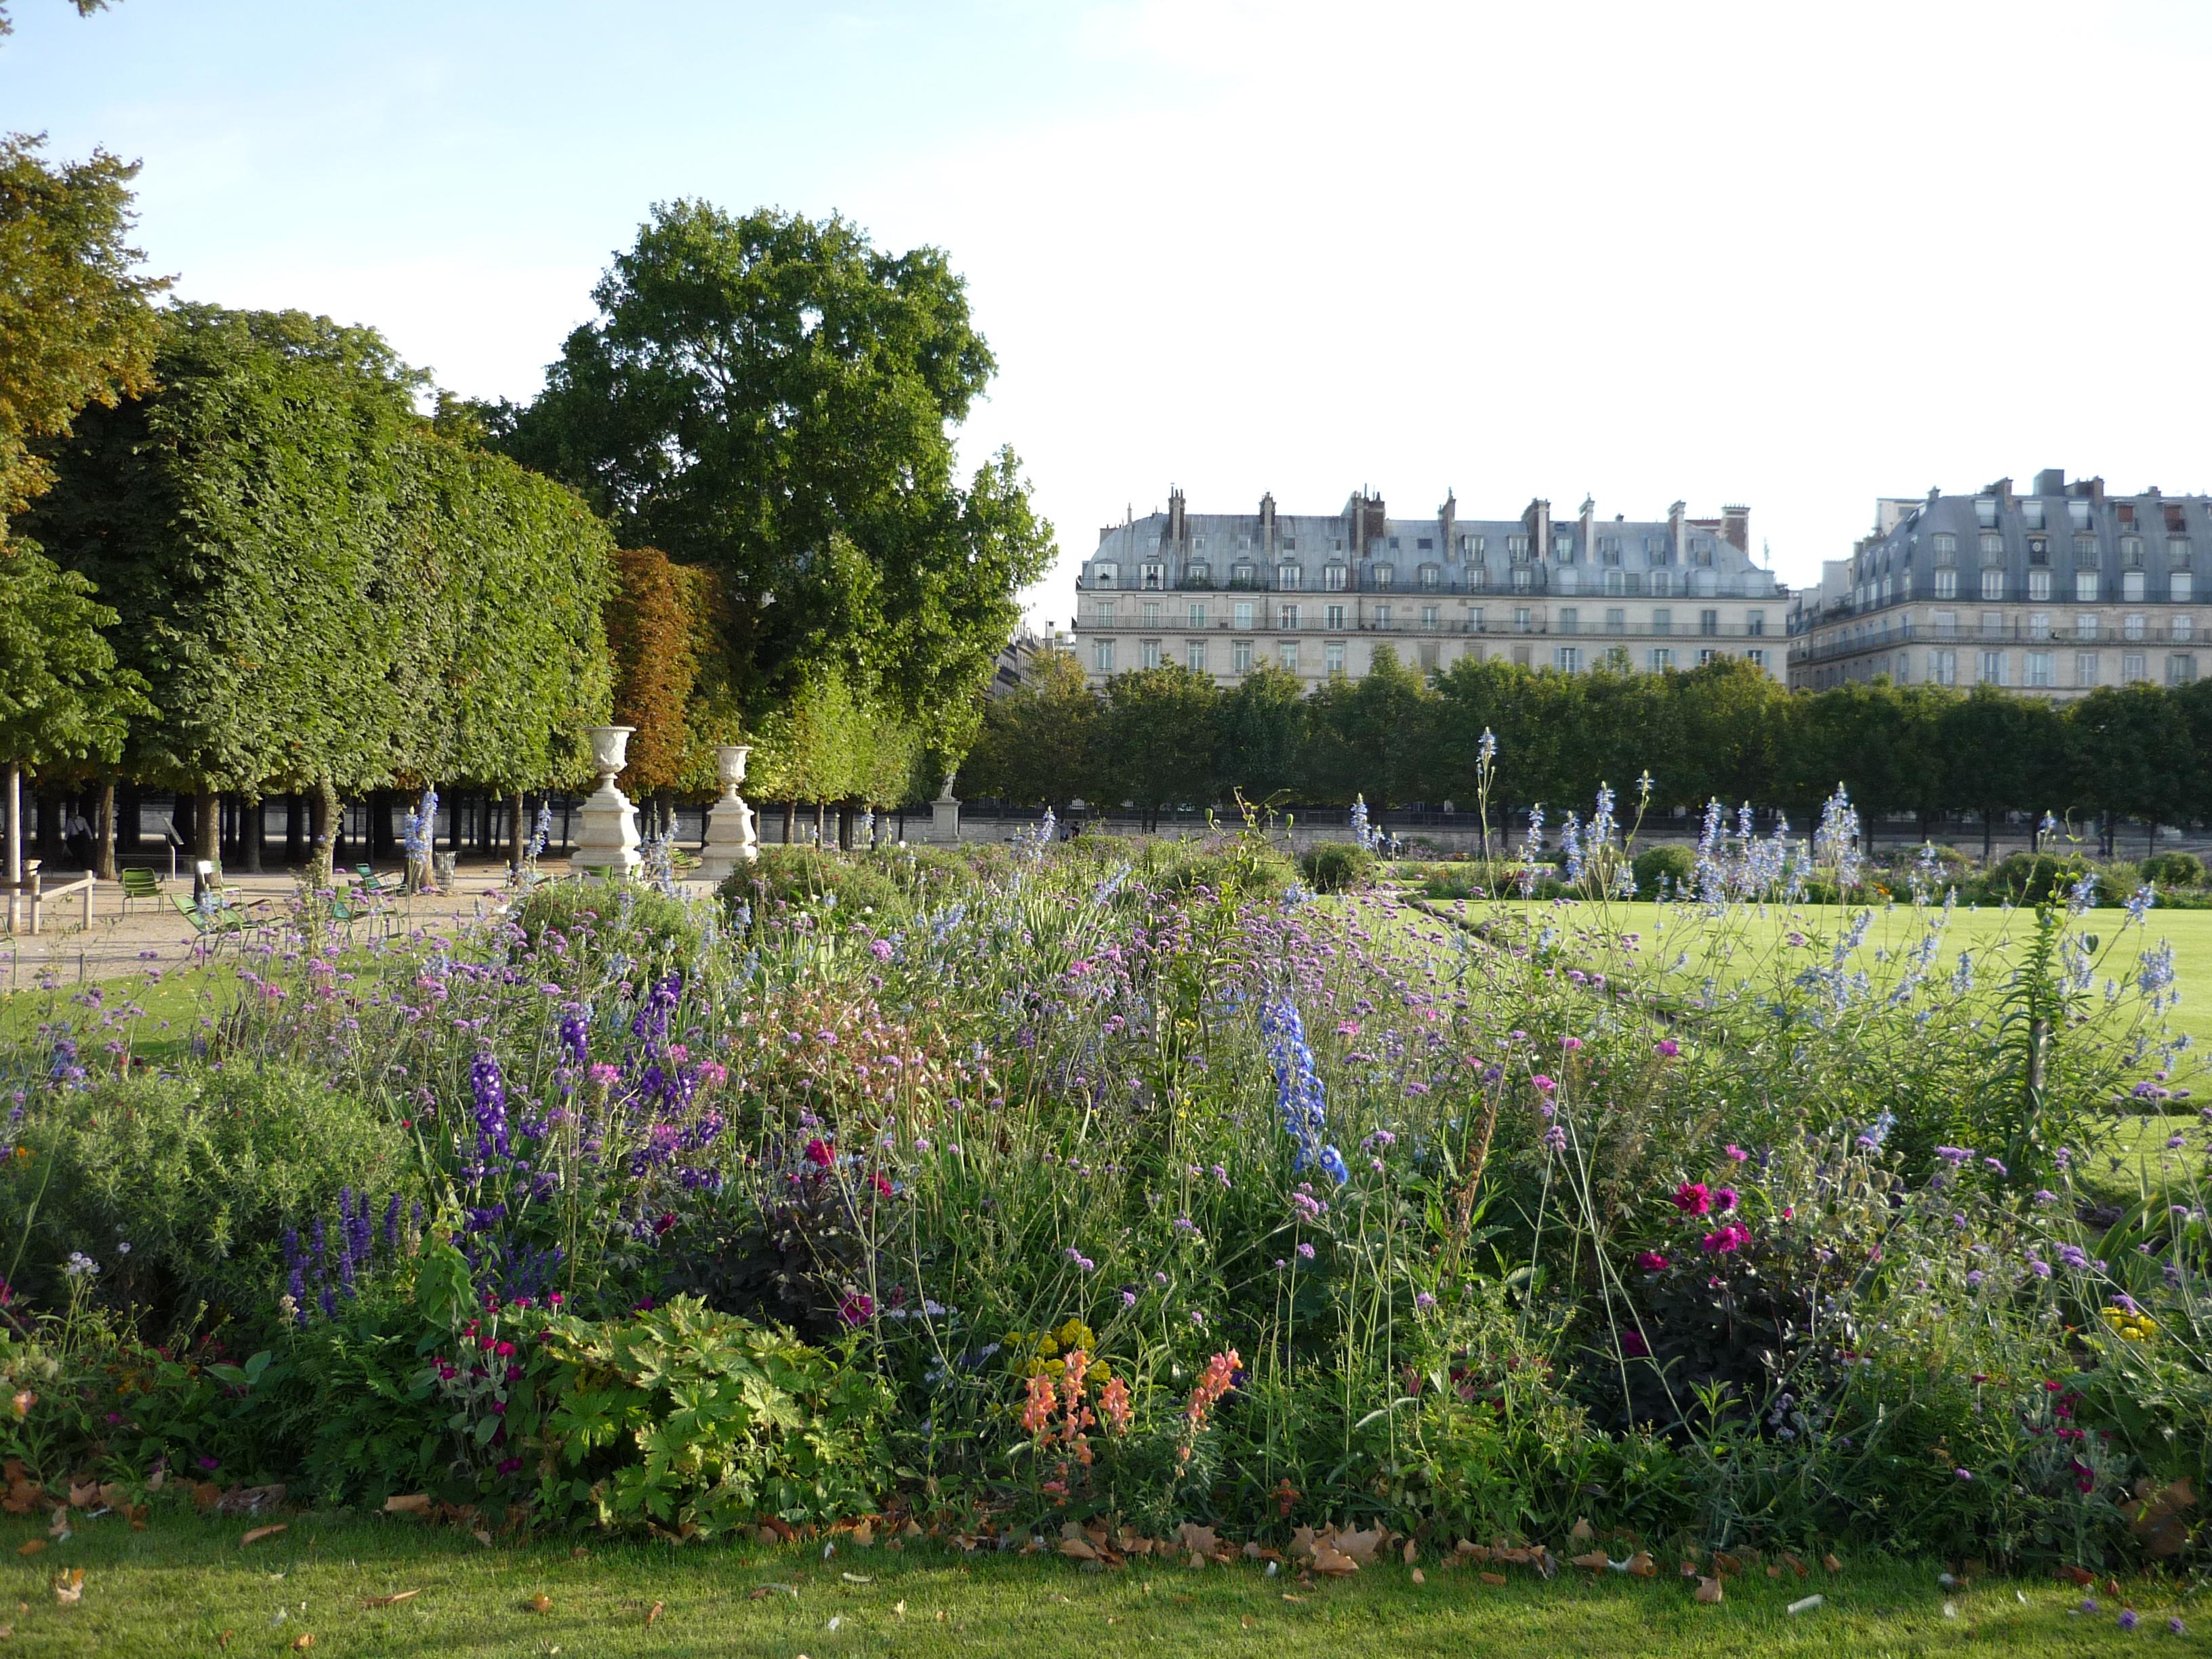 Conjuguer le pass au pr sent les jardins historiques for Jardin du michel 2015 programmation